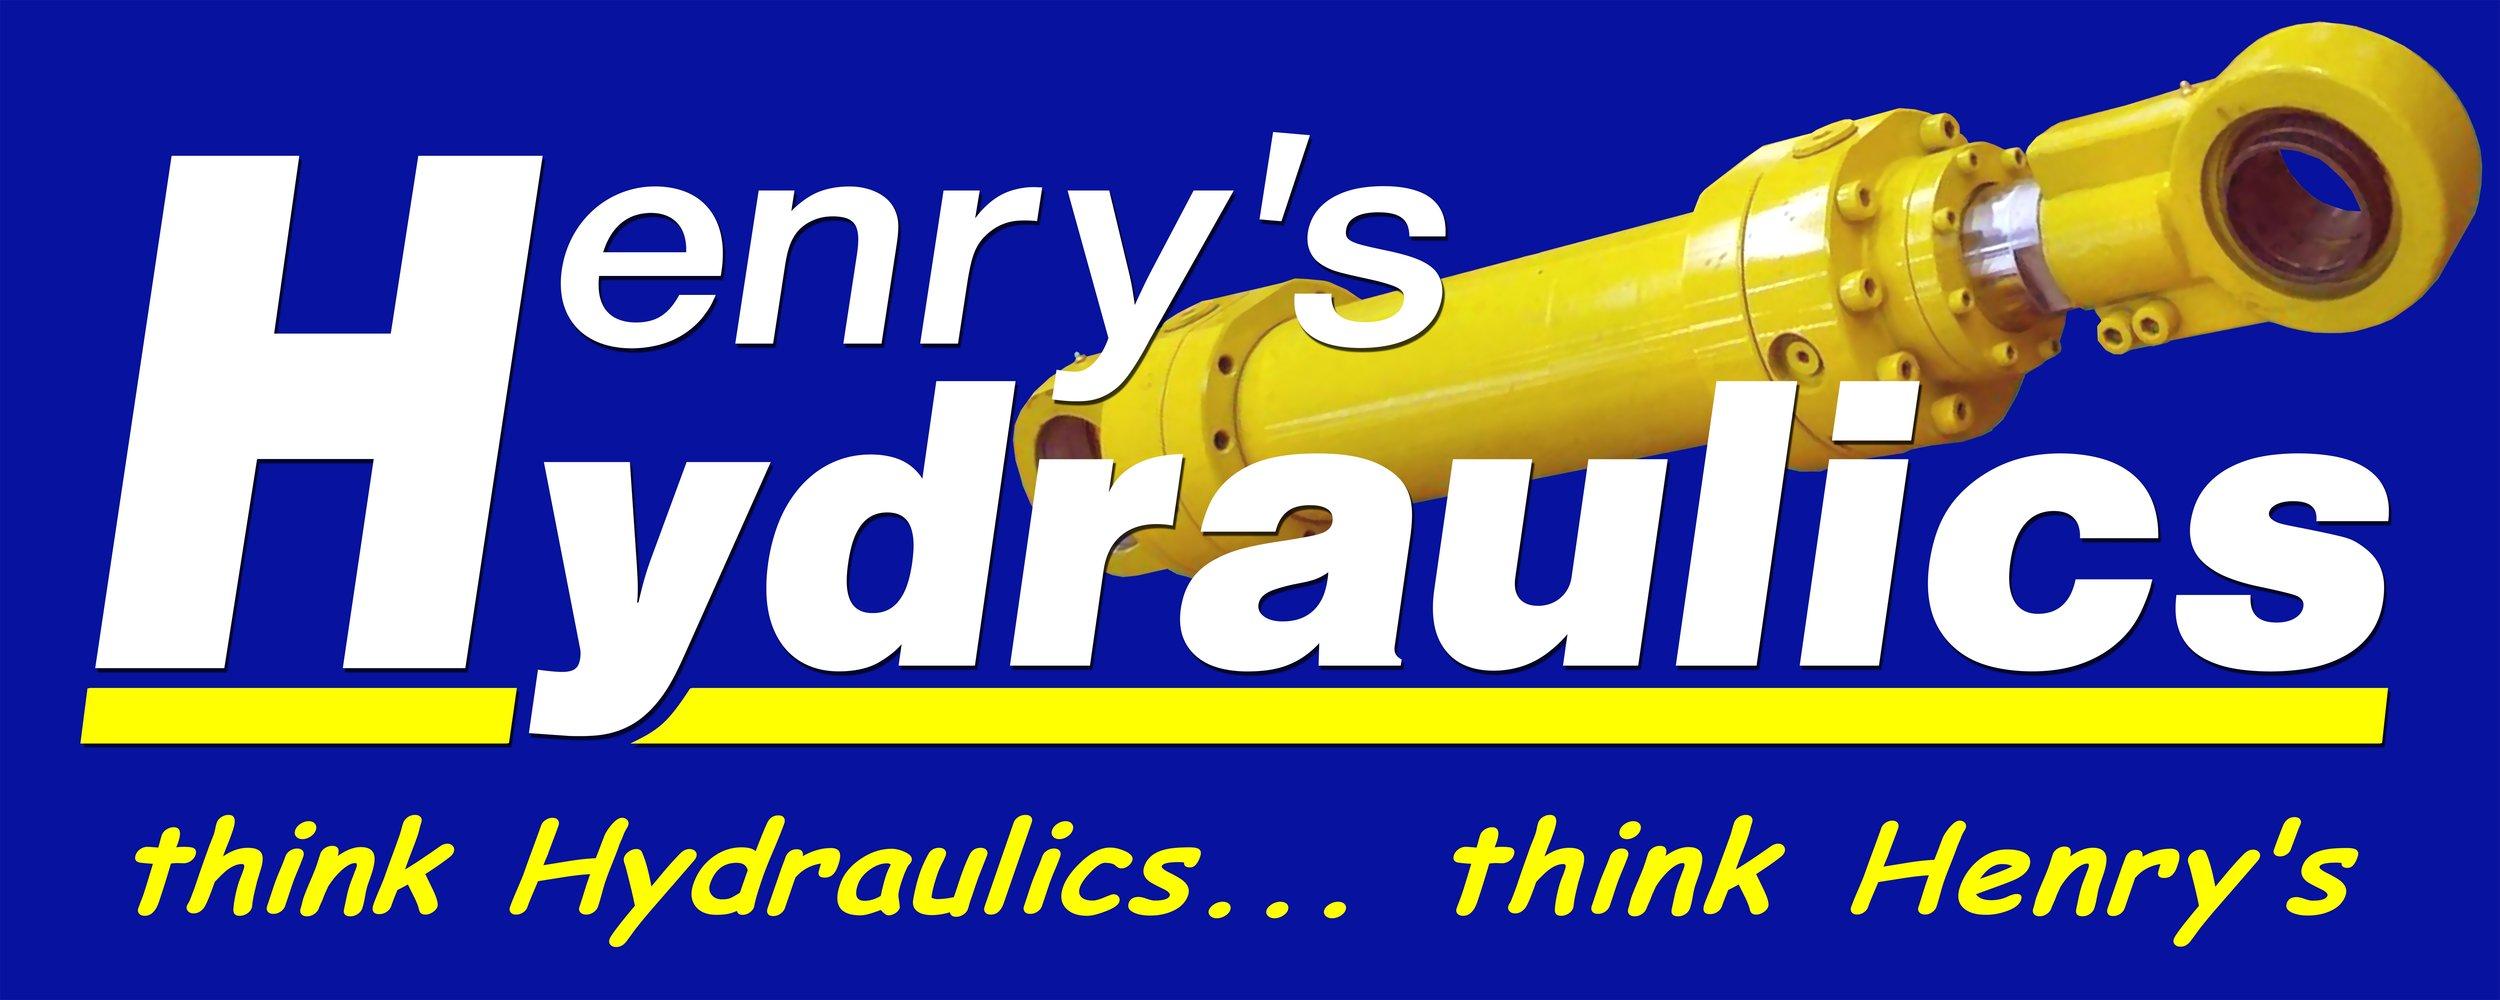 Henrys Hydraulics 2008 final logo.jpg